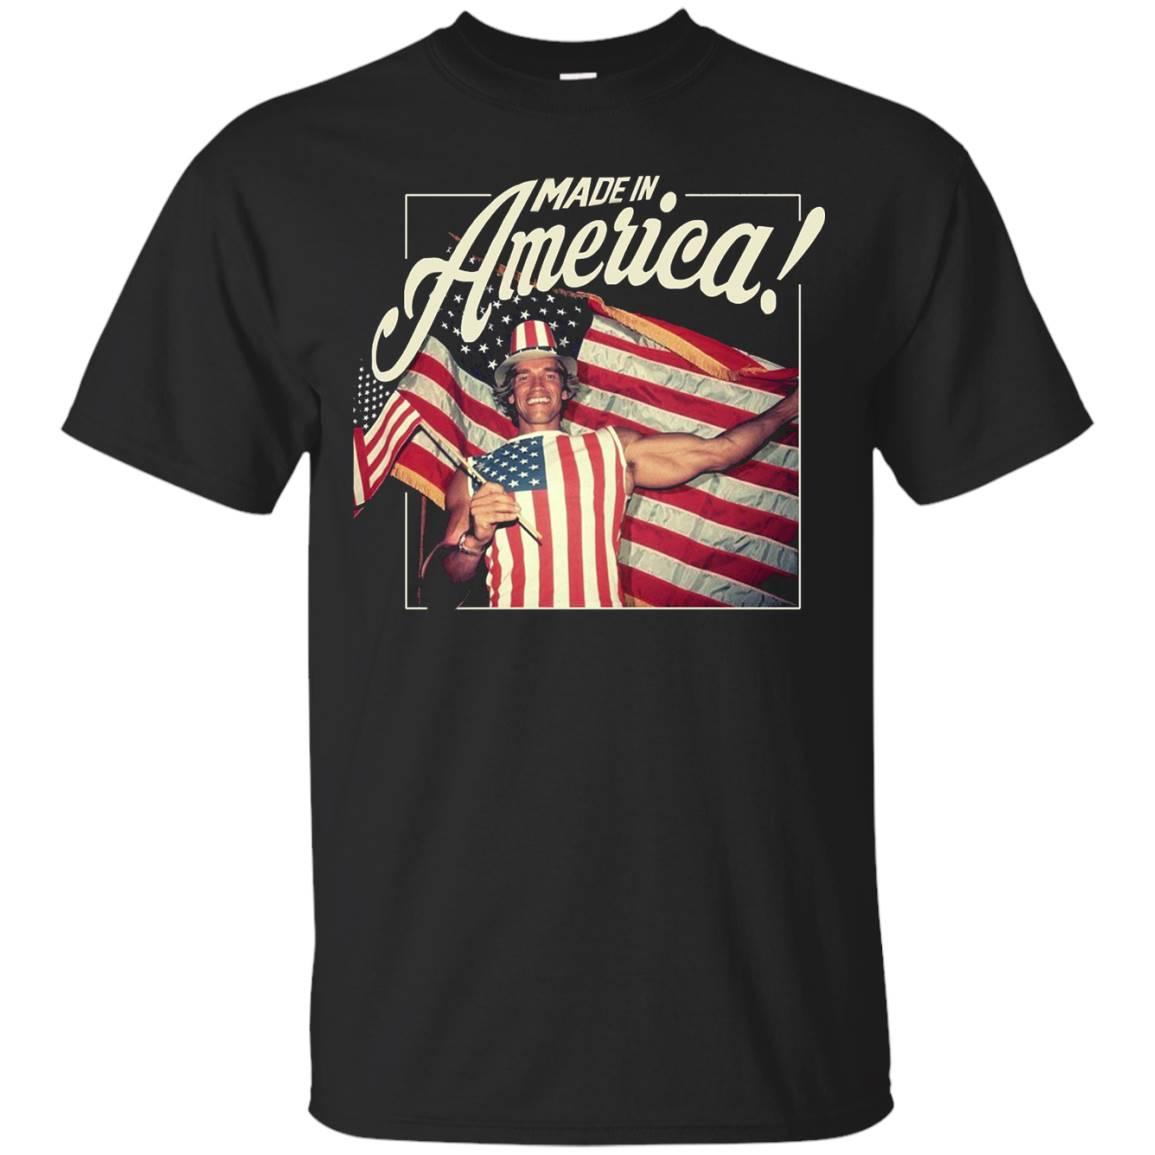 Ar-nold Born abroad, Made in America!